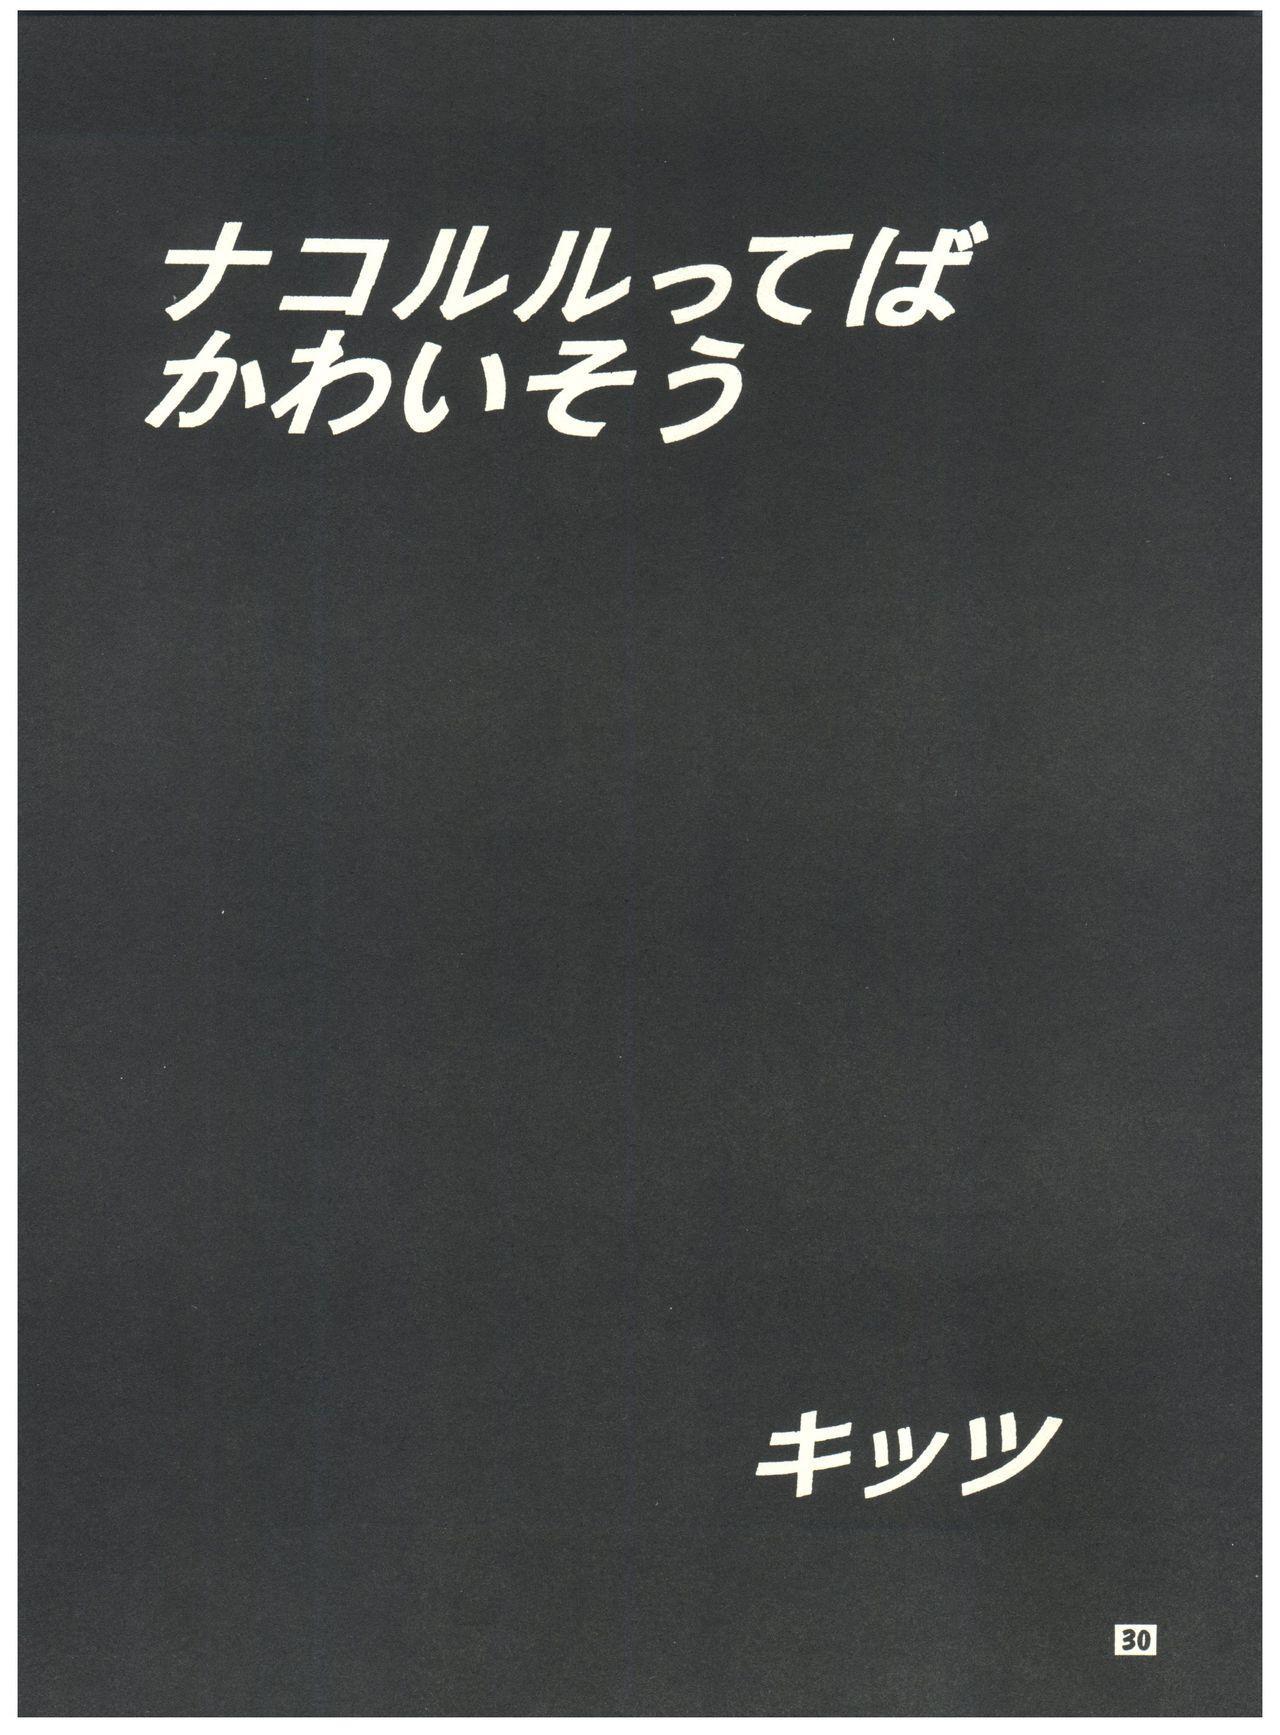 [Sairo Publishing (J. Sairo) En-Jack 2 (Various) 29